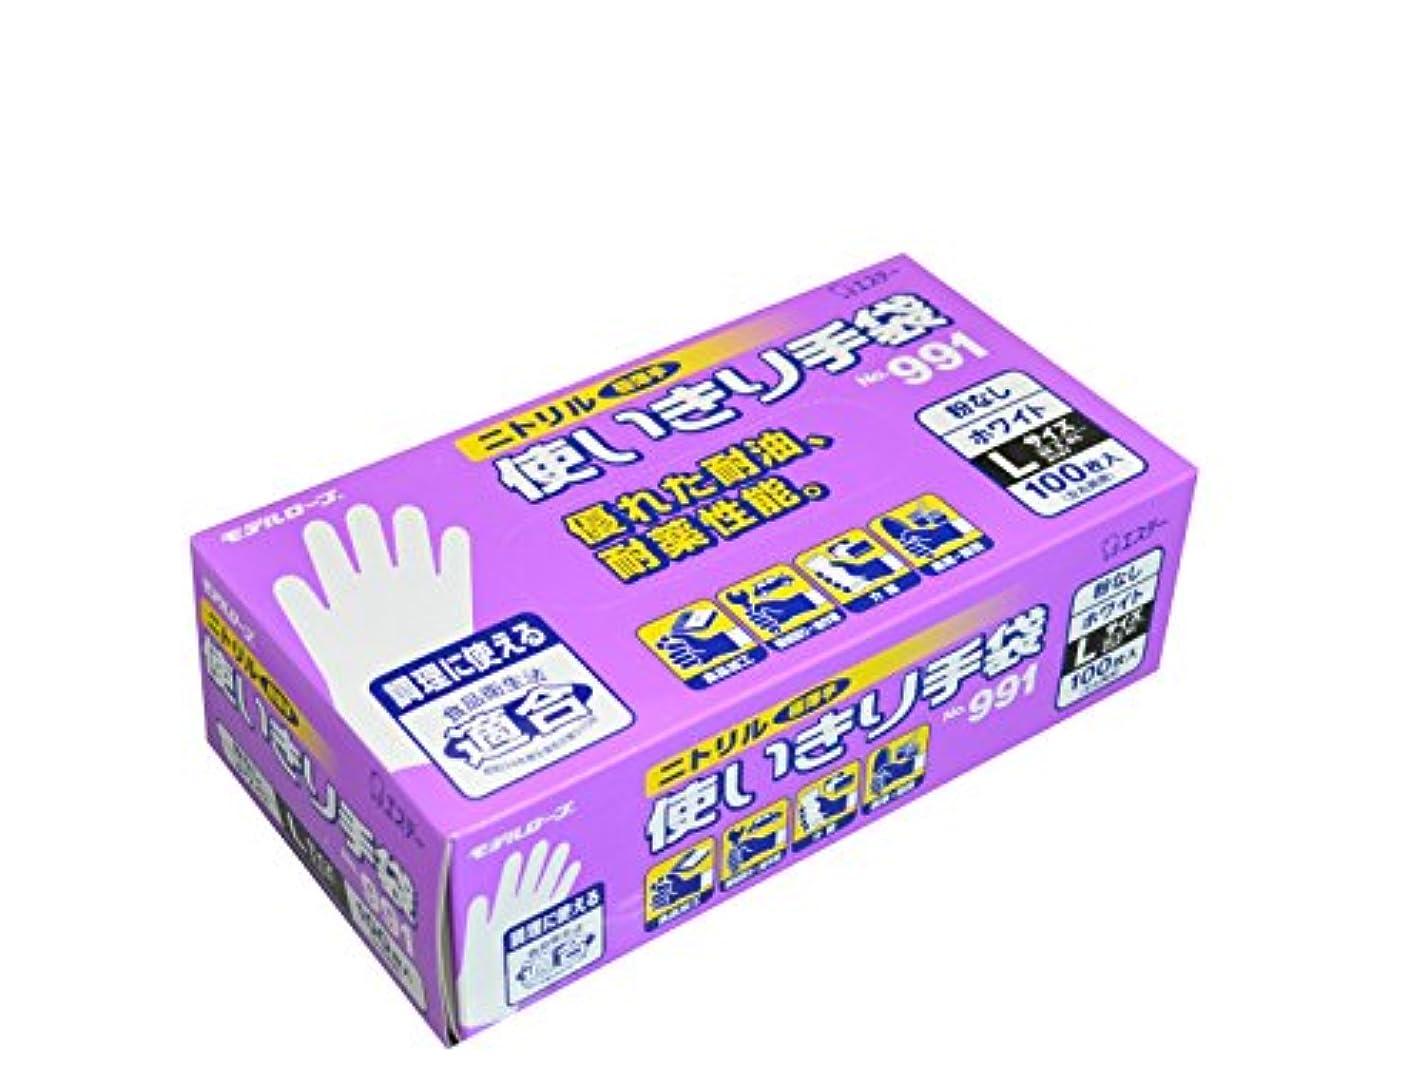 絶縁するヤング引くモデルローブ NO991 ニトリル使い切り手袋 100枚 ホワイト L